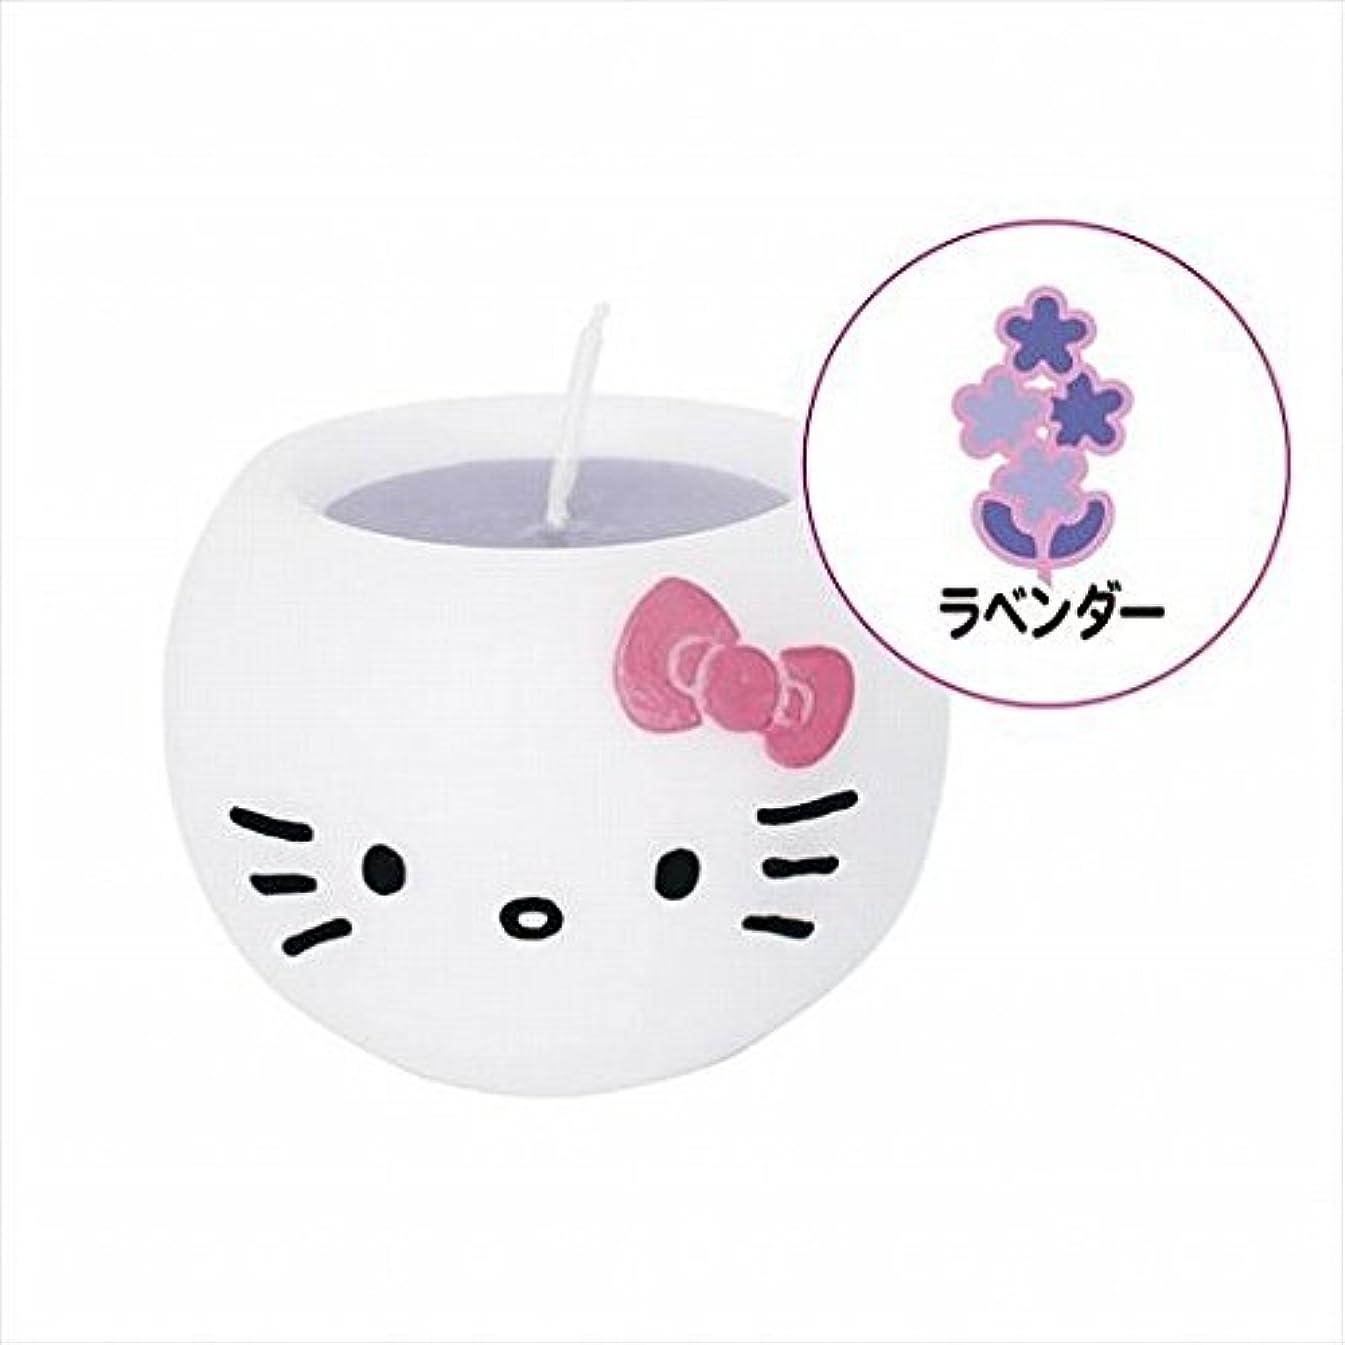 発火するファントム支払いkameyama candle(カメヤマキャンドル) ハローキティアロマキャンドル 「 ラベンダー 」 キャンドル 58x58x45mm (A6980520)